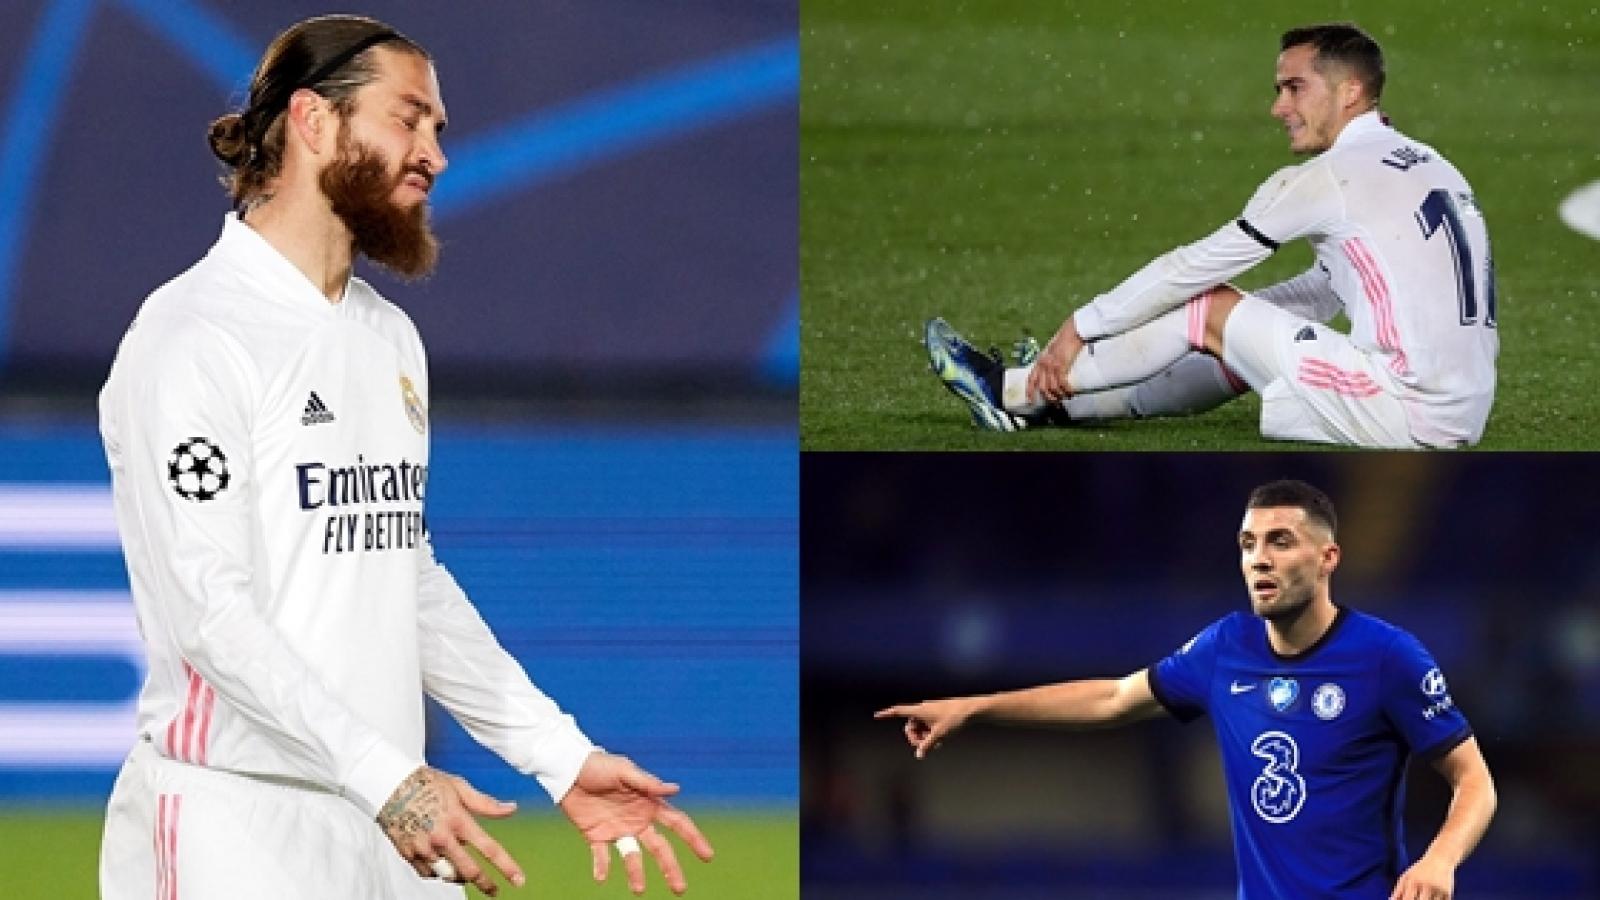 """Điểm danh những """"thương binh"""" vắng mặt ở bán kết Champions League"""